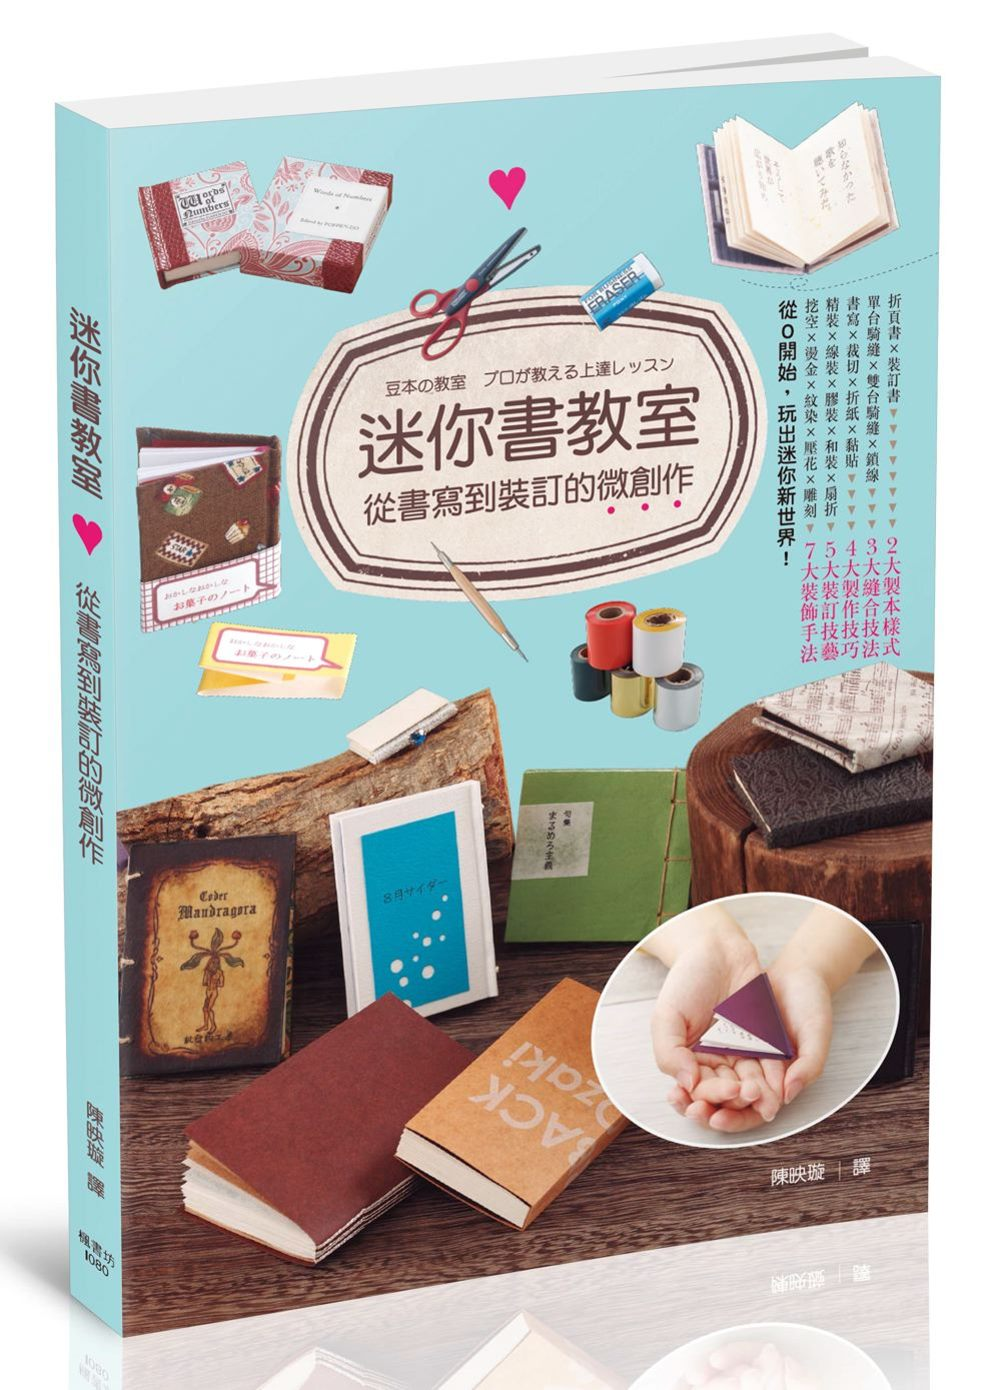 迷你書教室:從書寫到裝訂的微創作